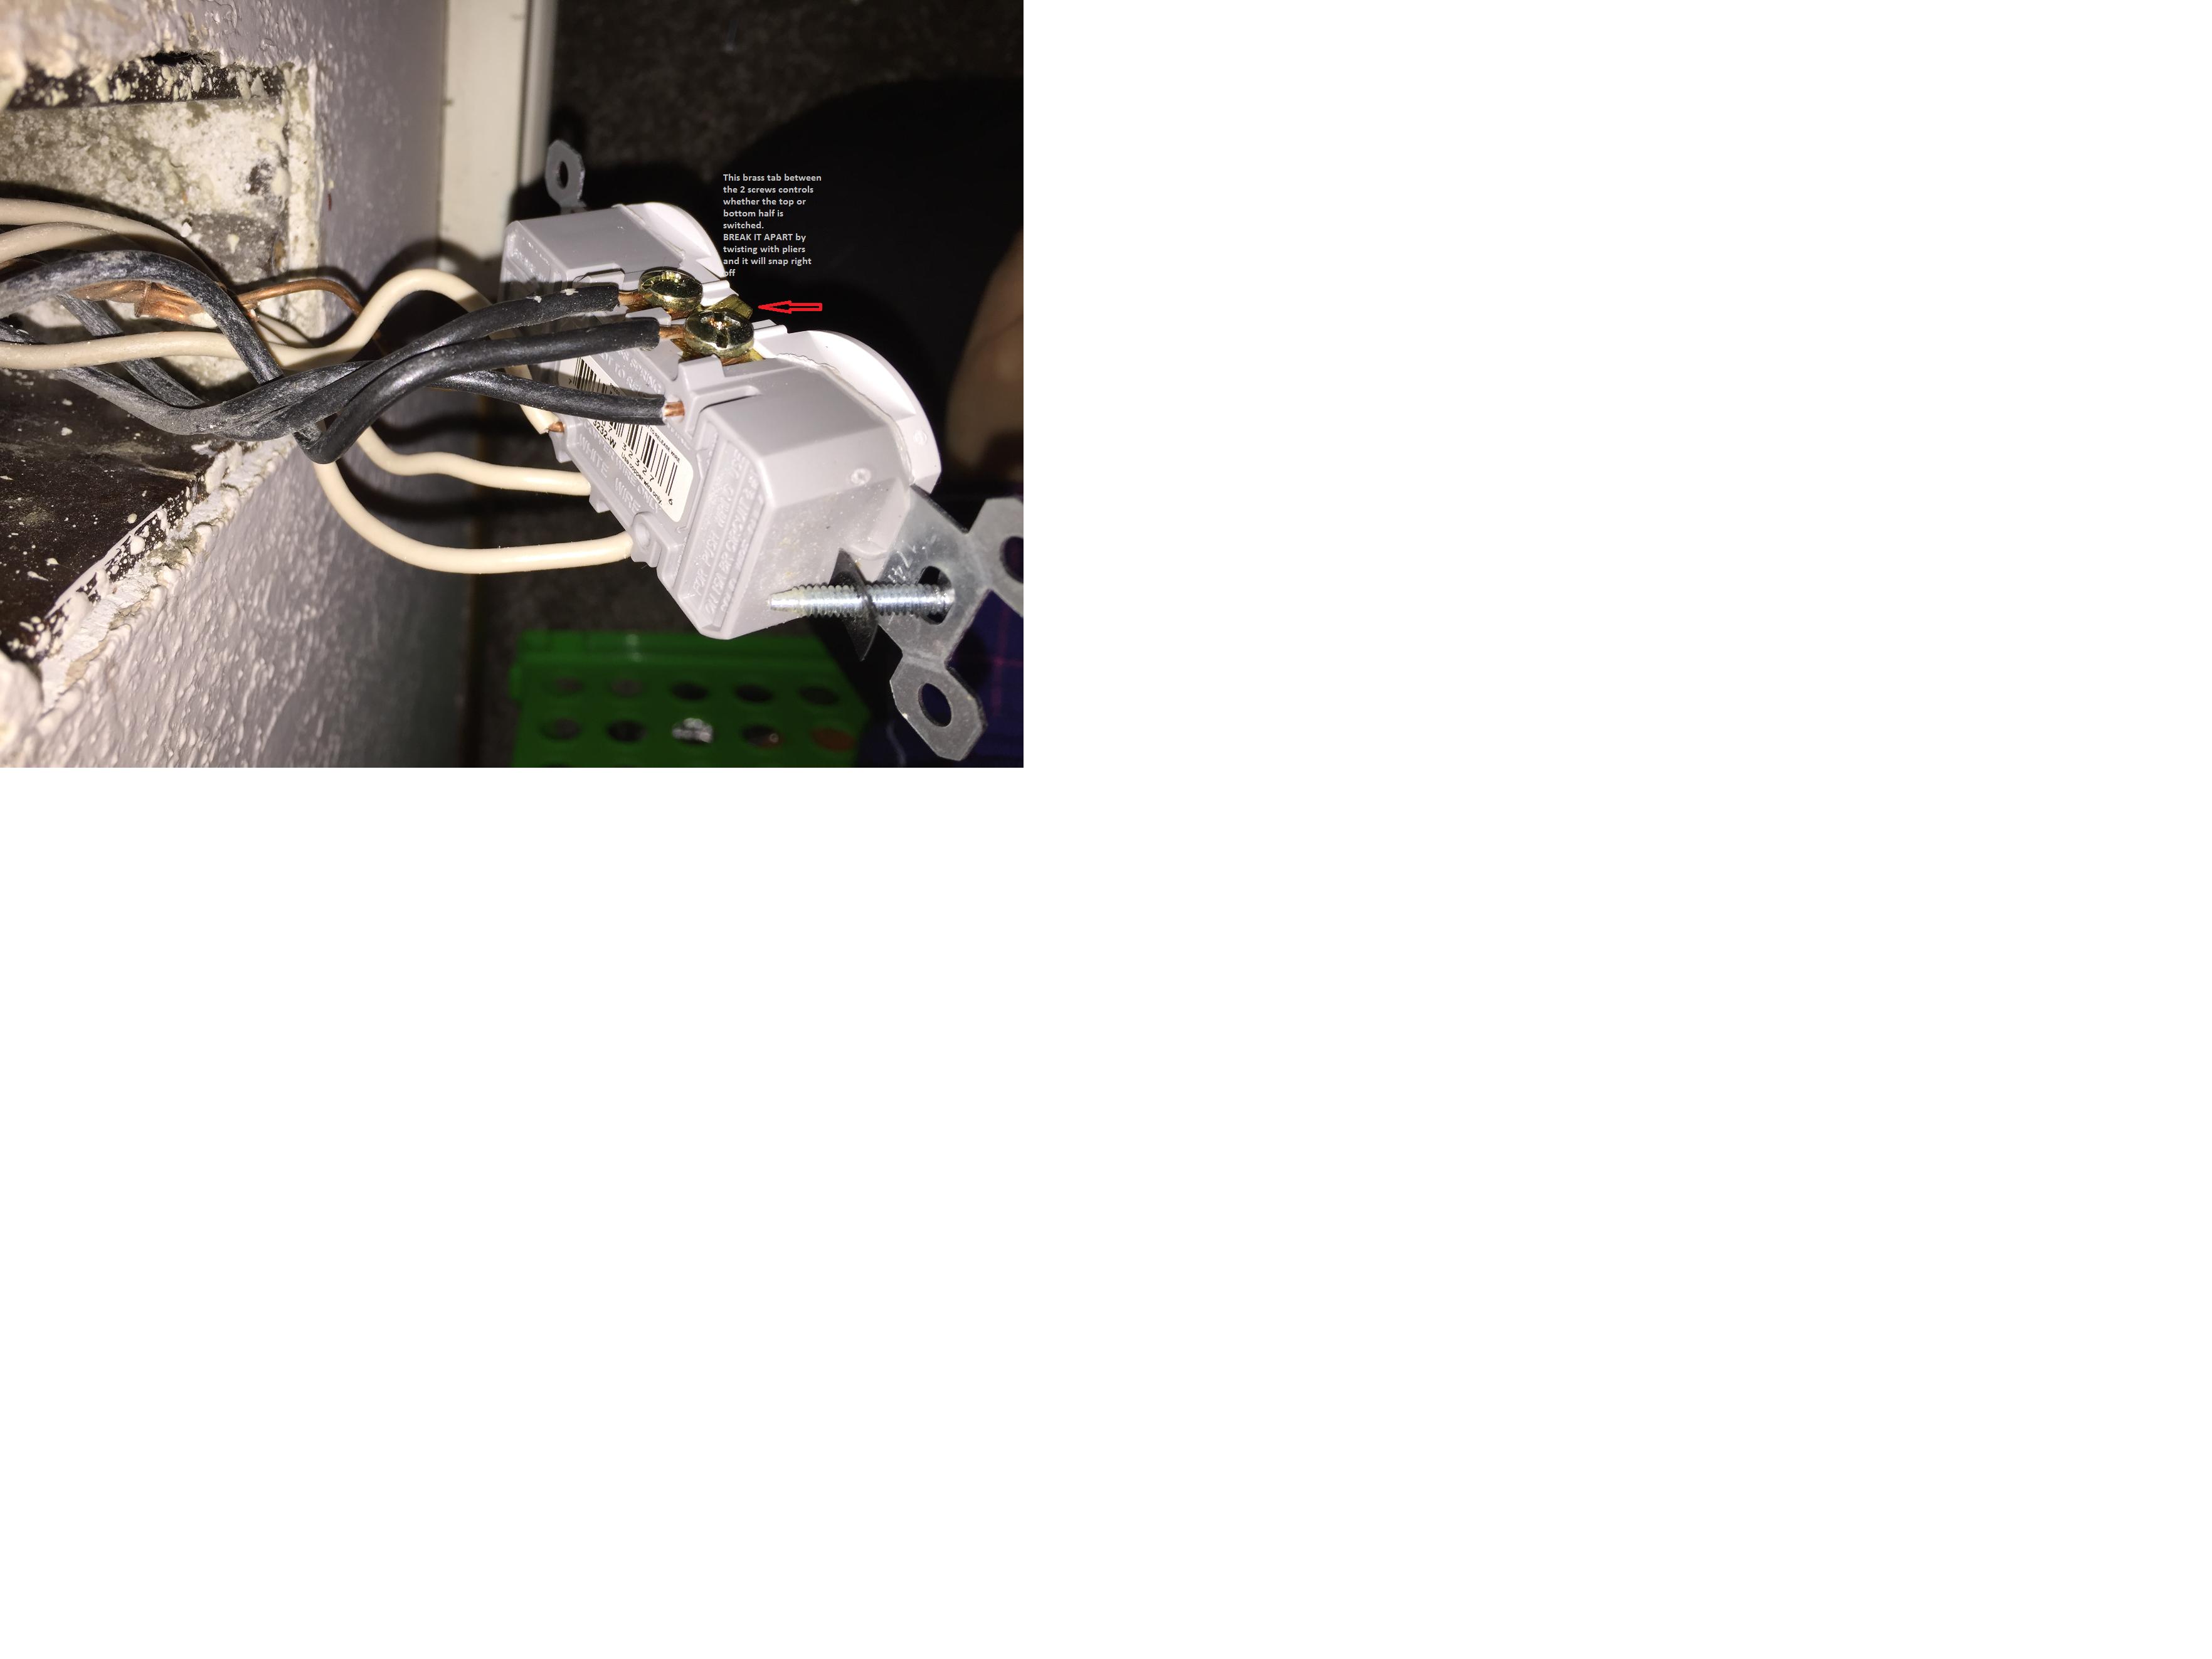 78e24ec7-9c68-4c33-b4a3-b69ad2ed5d71_BRASS tab removal on switched receptacles.png